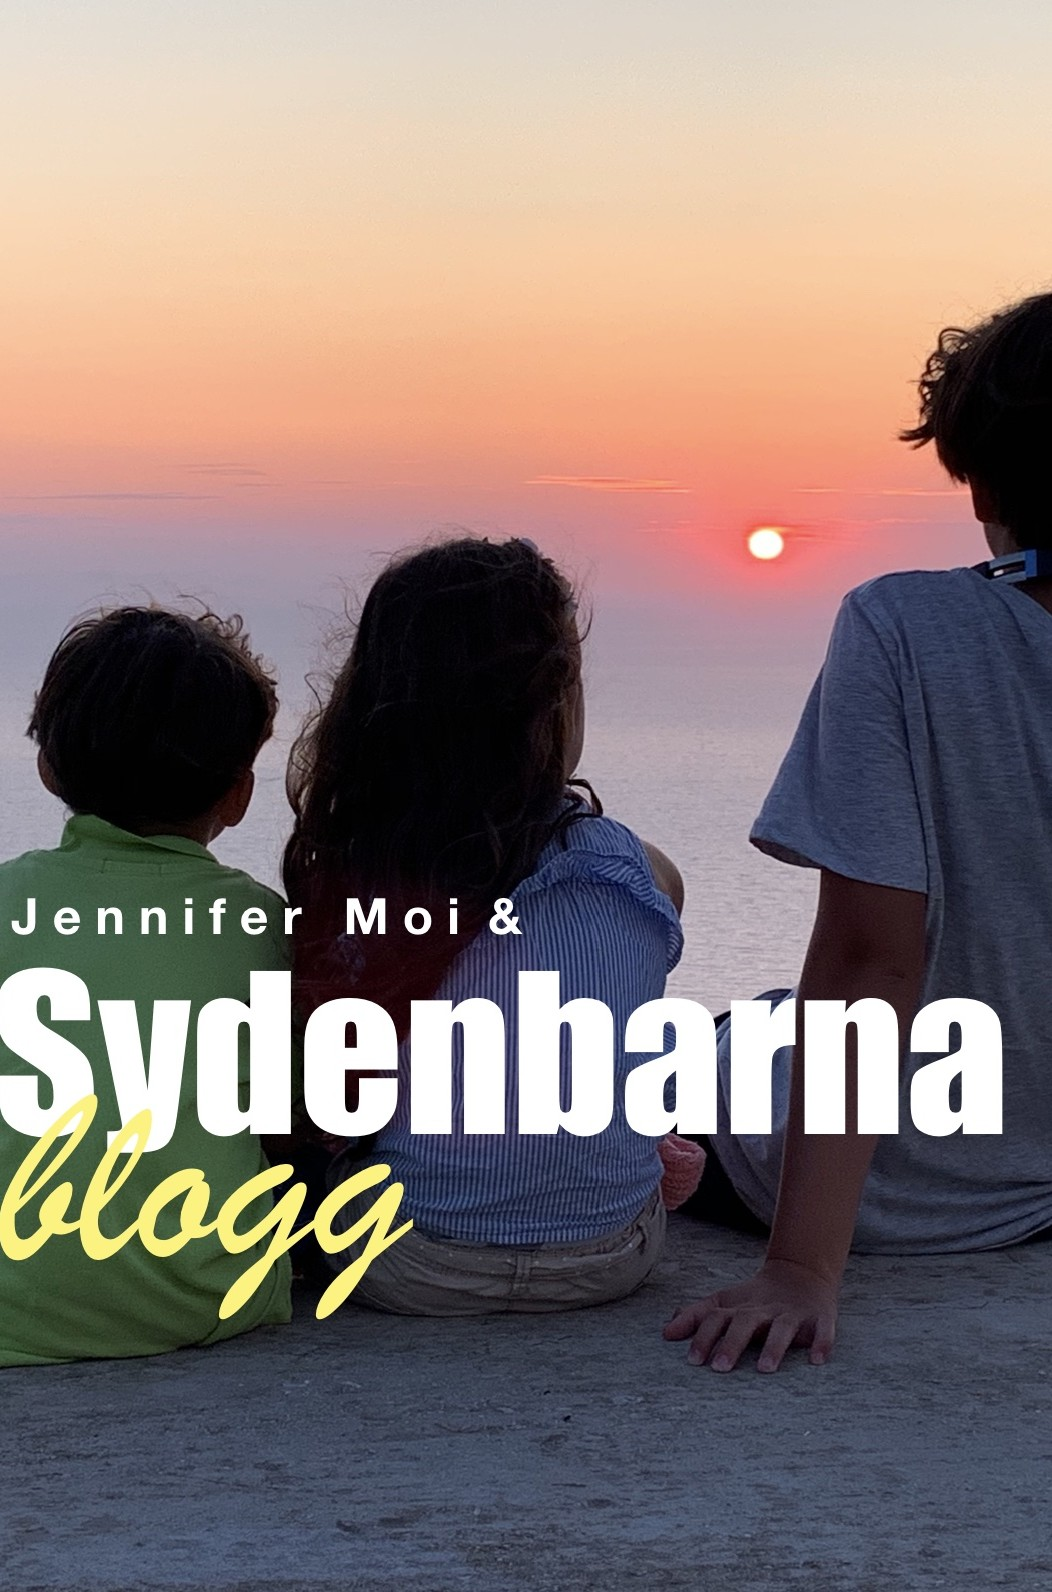 Jennifer Moi & Sydenbarna